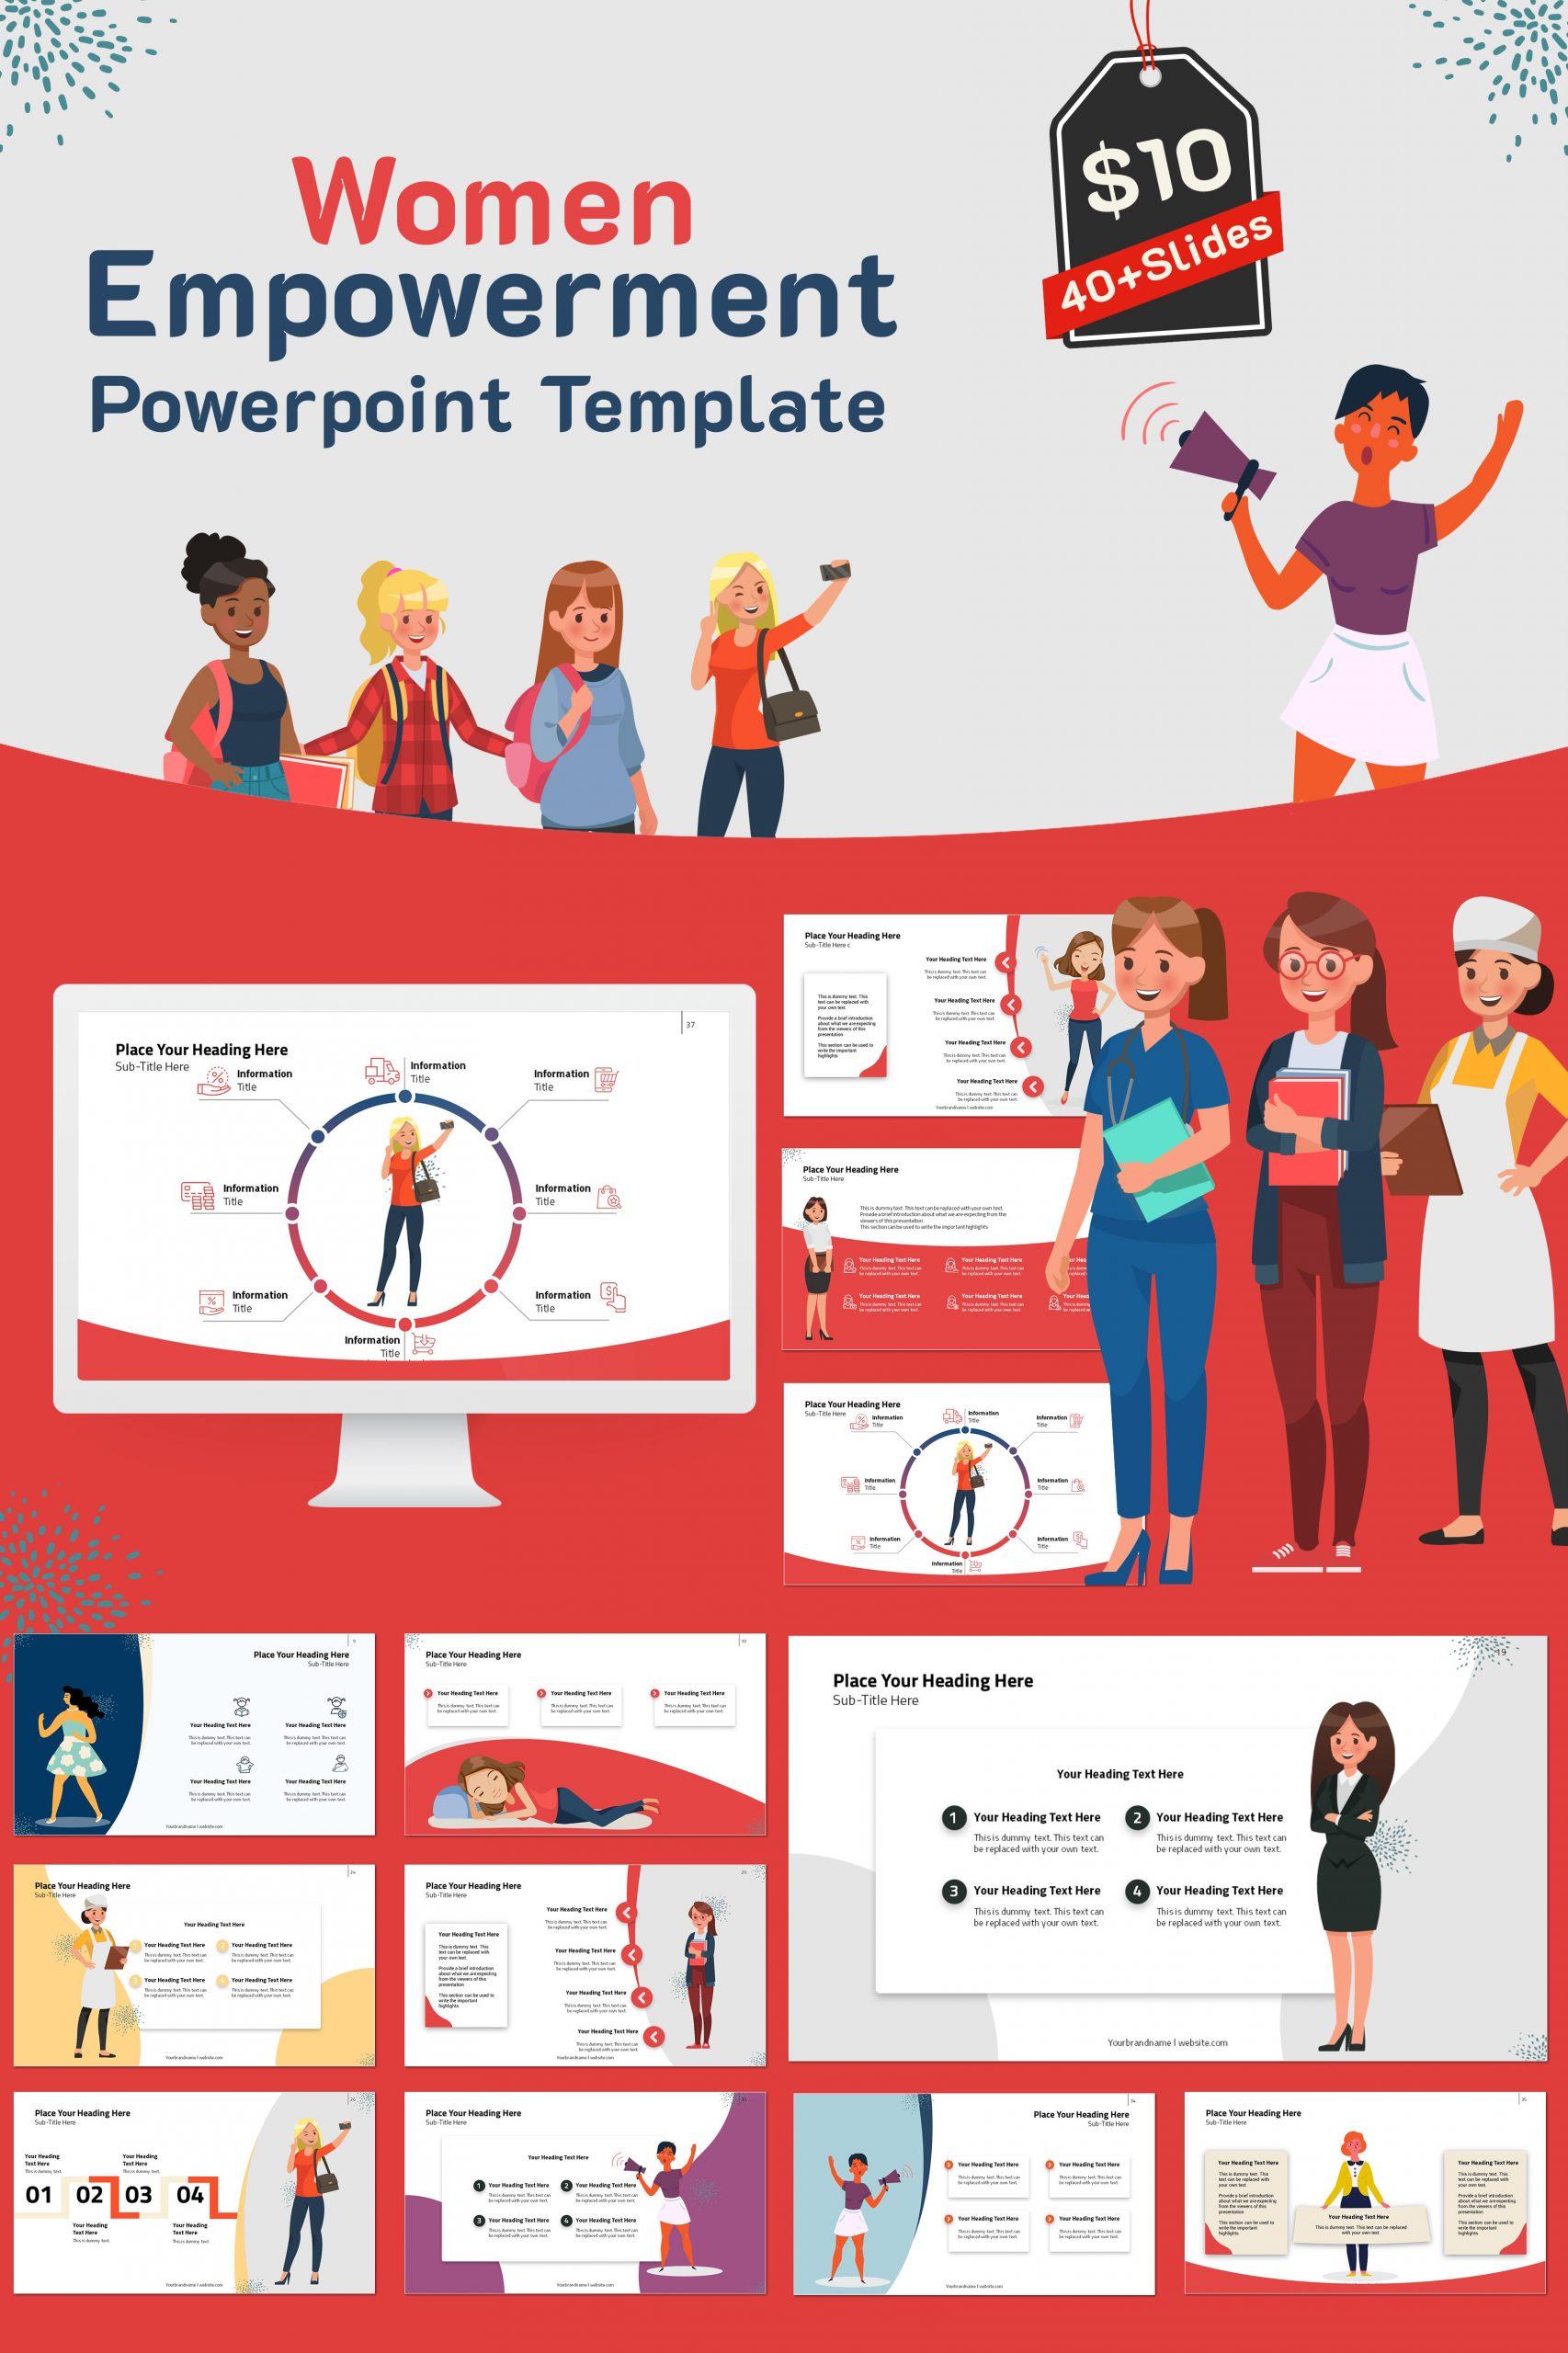 900+ Unique Powerpoint Presentation Templates - Women Empowerment